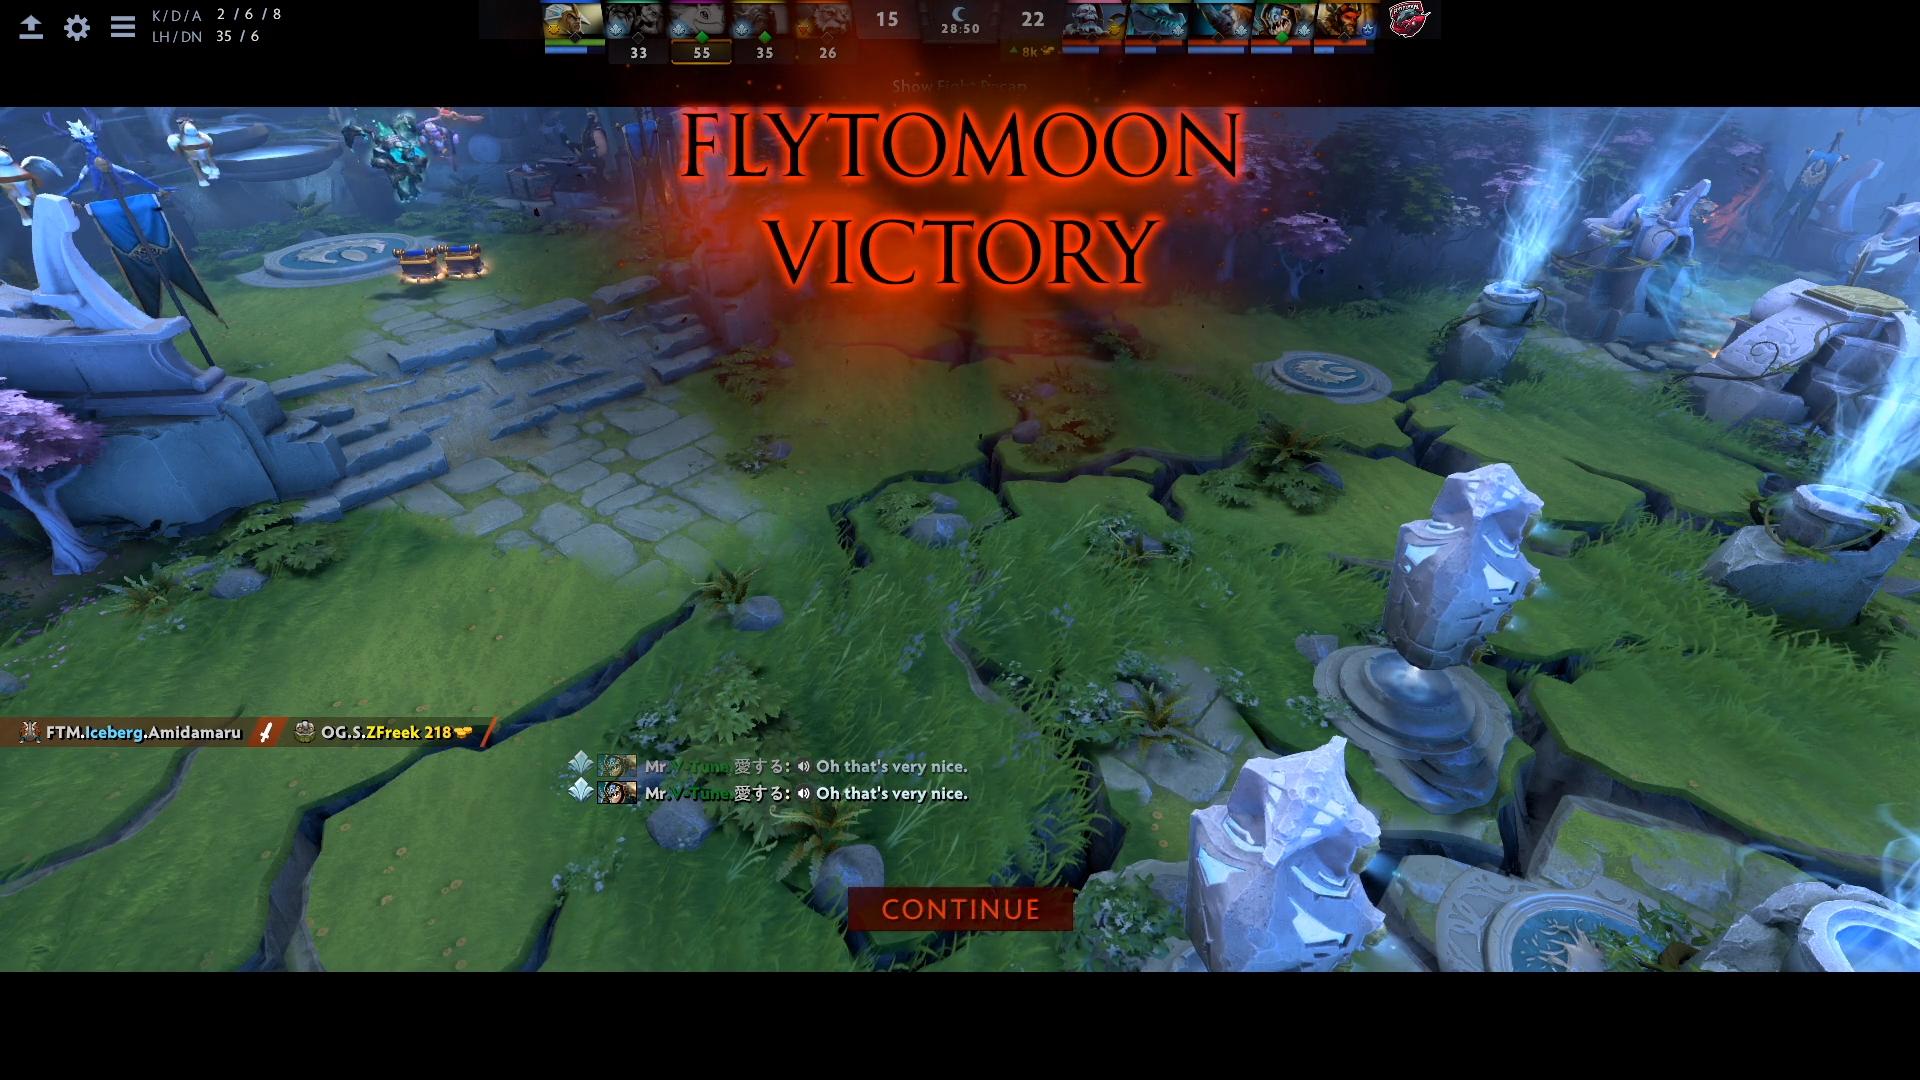 ftm won - Thất bại trước FlyToMoon, n0tail chưa thể giành danh hiệu đầu tiên trong năm mới